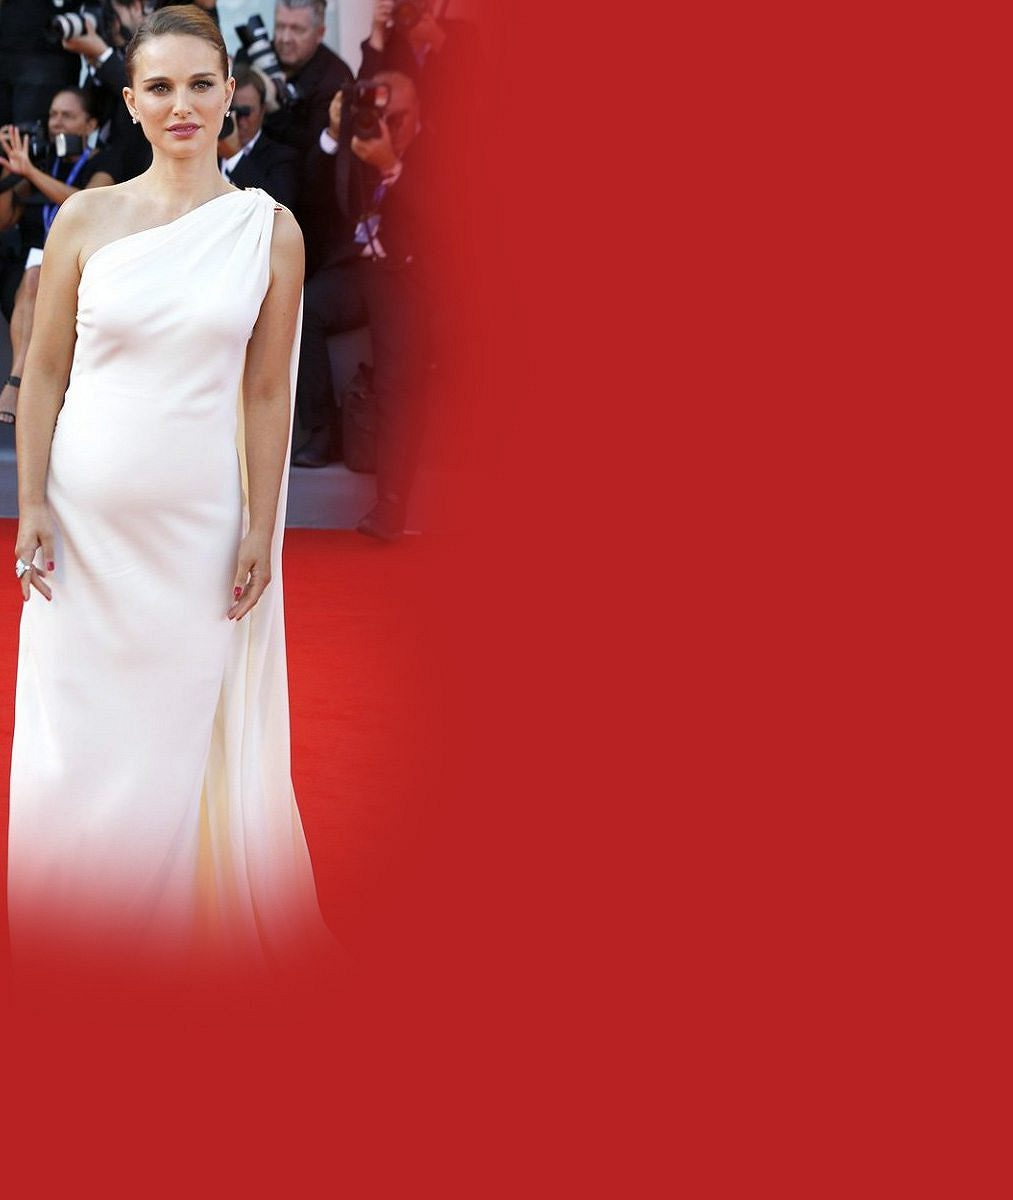 Oscarová kráska je podruhé těhotná: Na červeném koberci překvapila zakulaceným bříškem